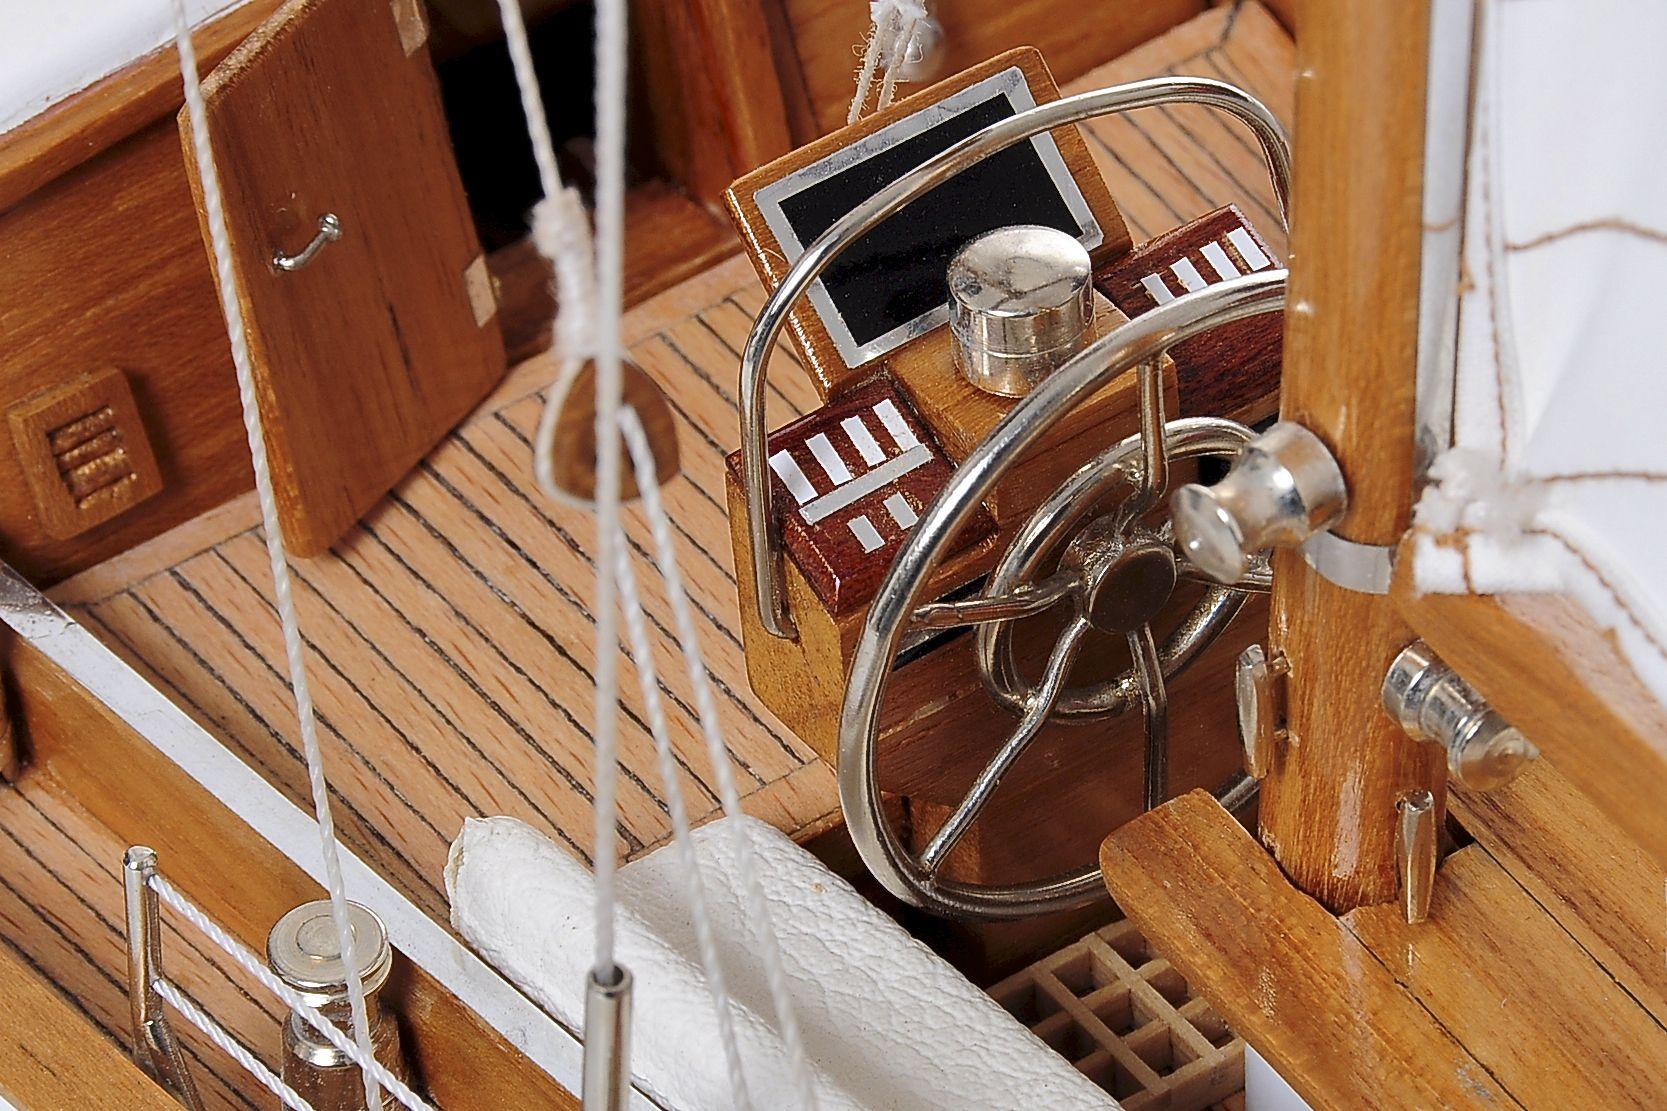 1486-6499-Sea-Gypsy-Sailing-Yacht